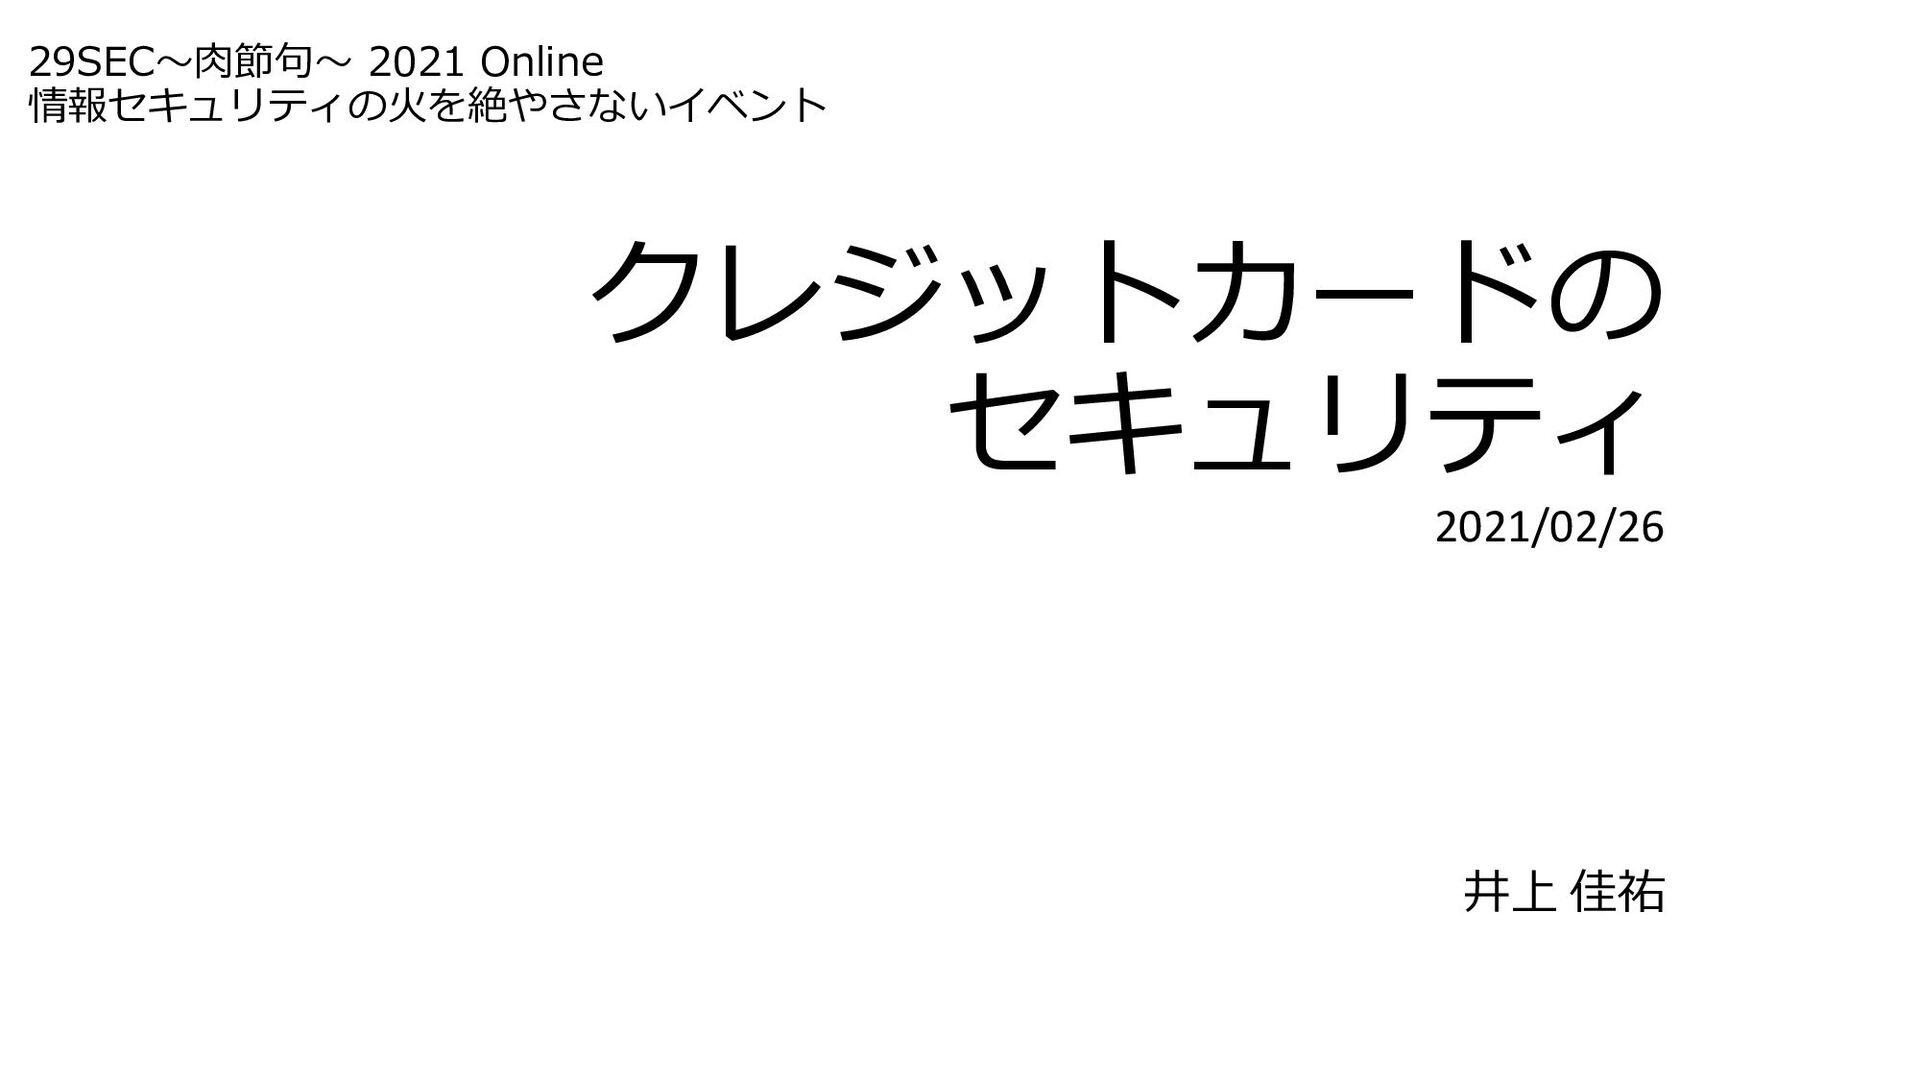 クレジットカードの セキュリティ 2021/02/26 株式会社ラック 井上 佳祐 29SEC...